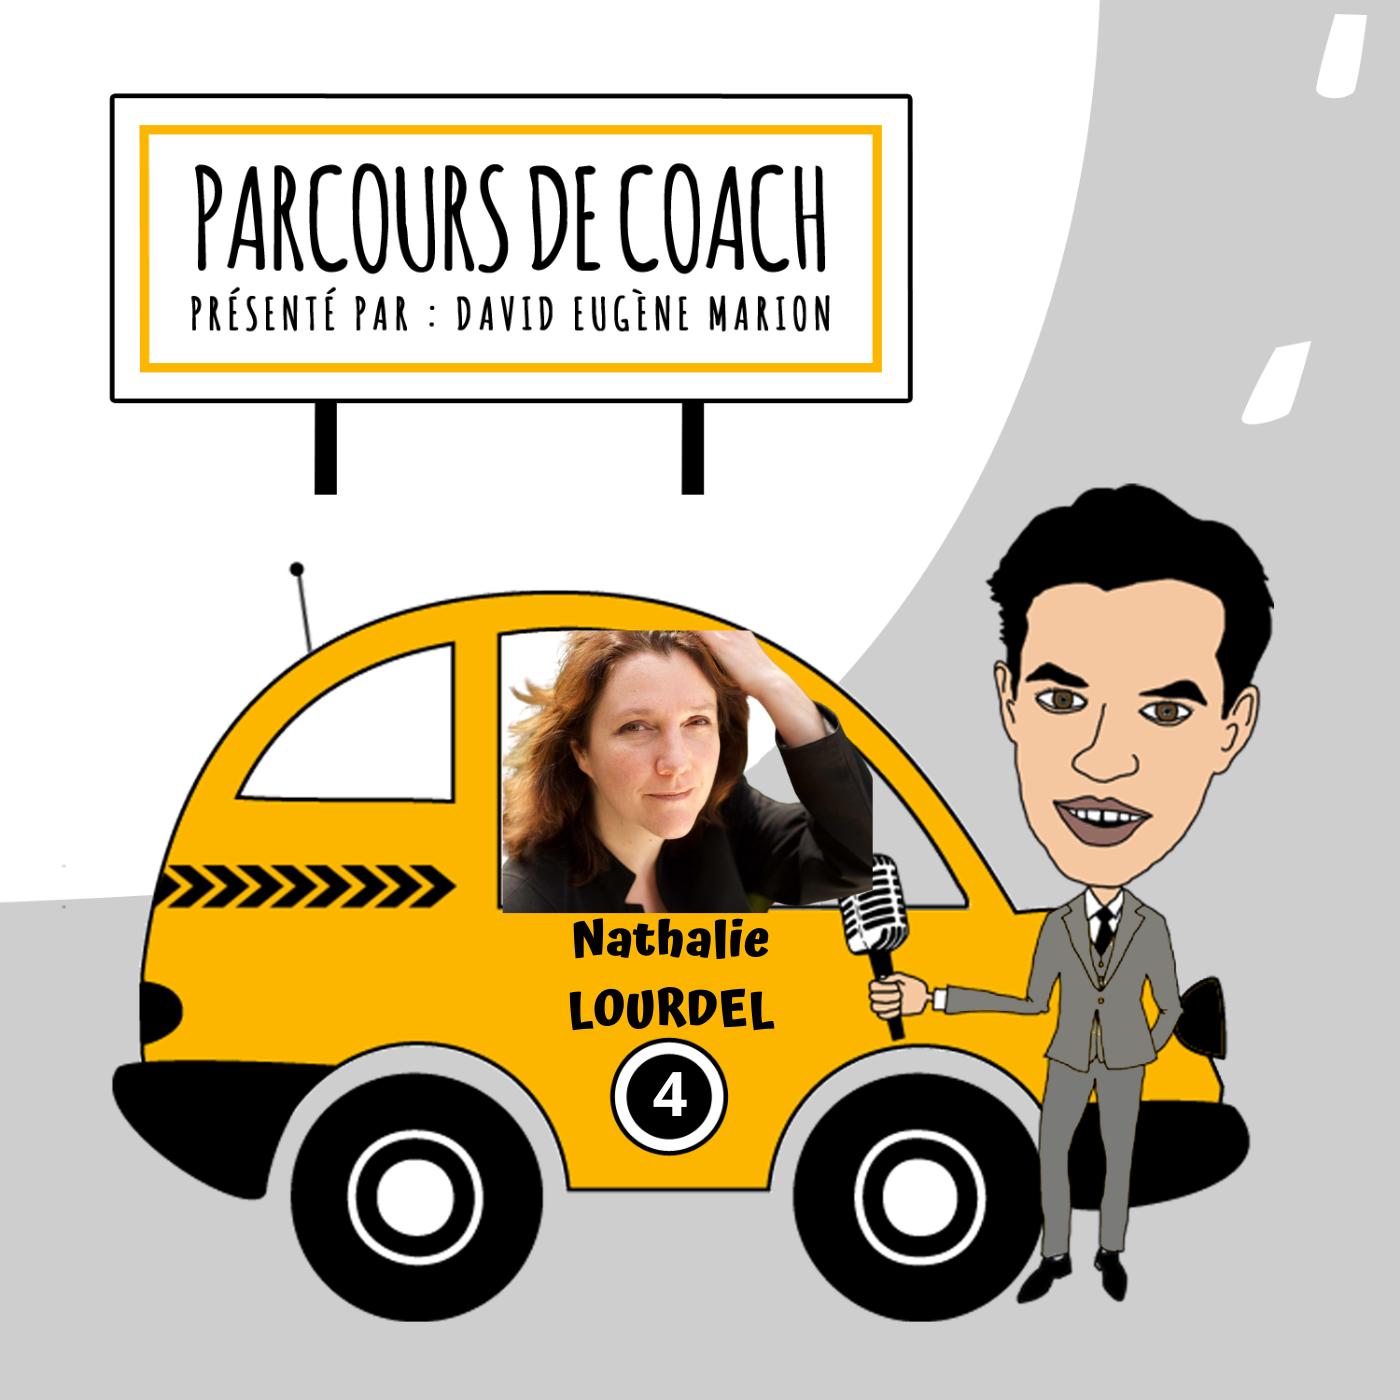 Parcours de Coach® n°4 : Nathalie LOURDEL